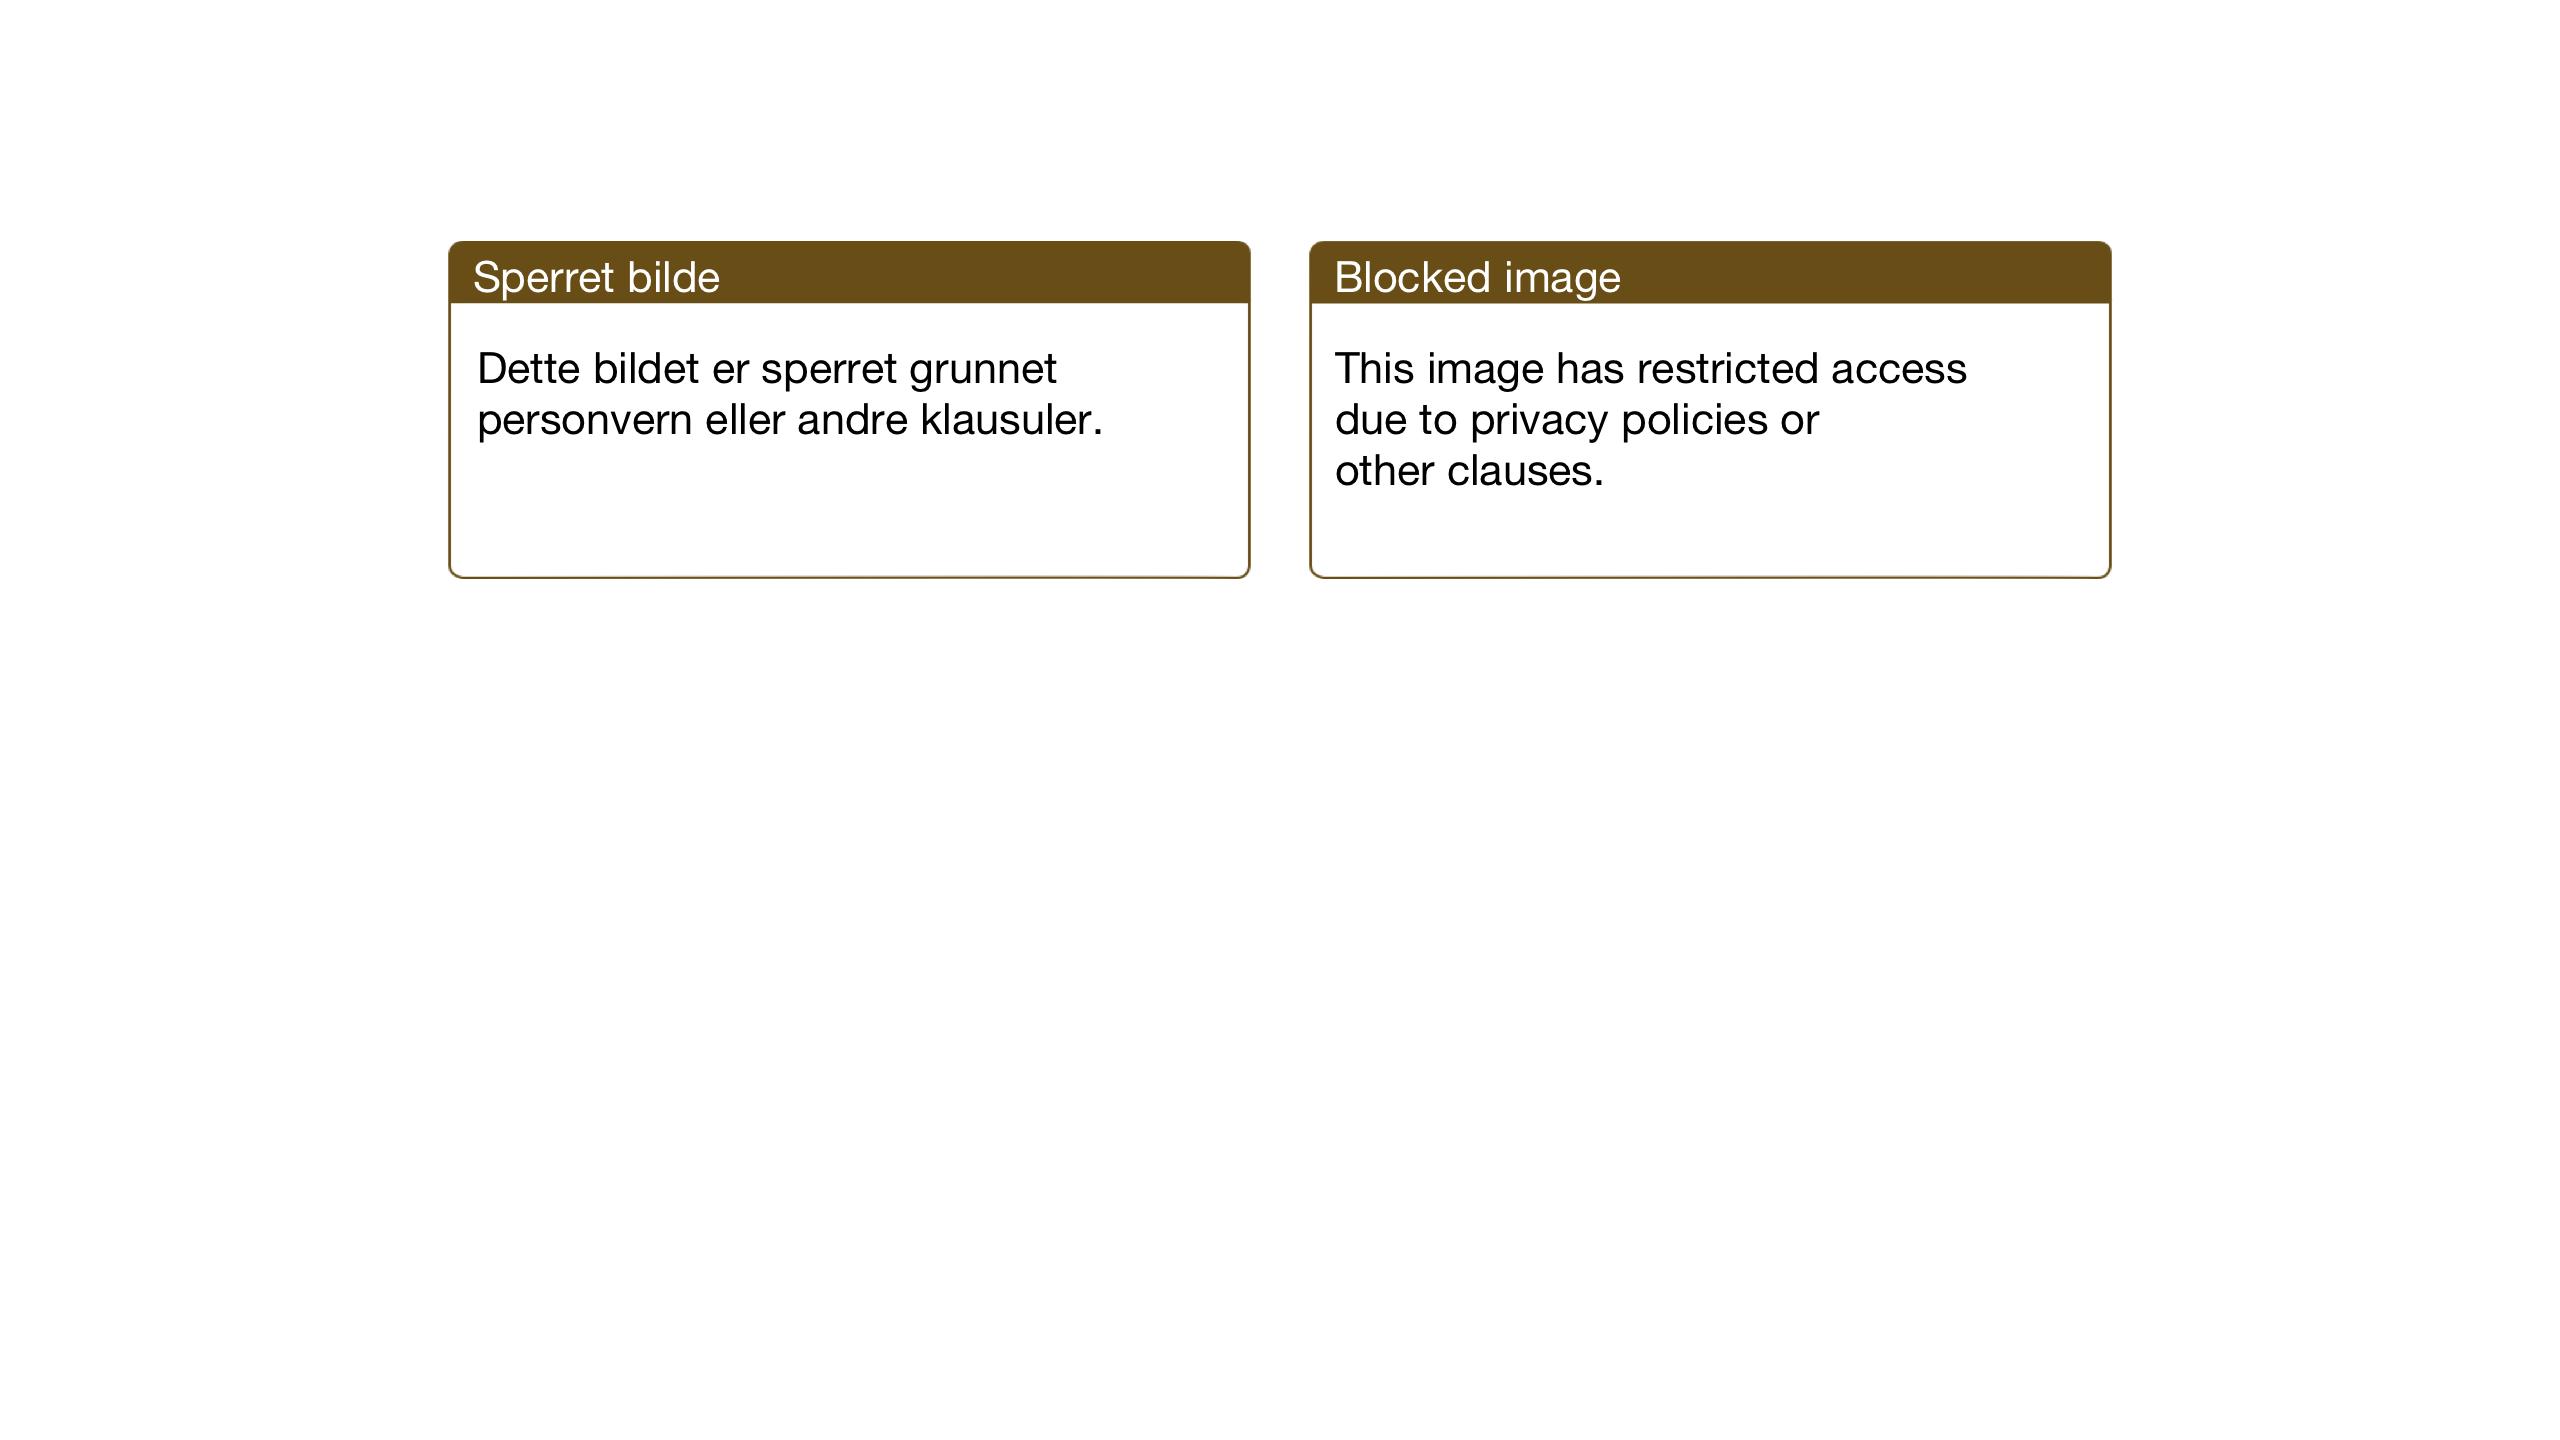 SAT, Ministerialprotokoller, klokkerbøker og fødselsregistre - Nord-Trøndelag, 742/L0413: Klokkerbok nr. 742C04, 1911-1938, s. 56